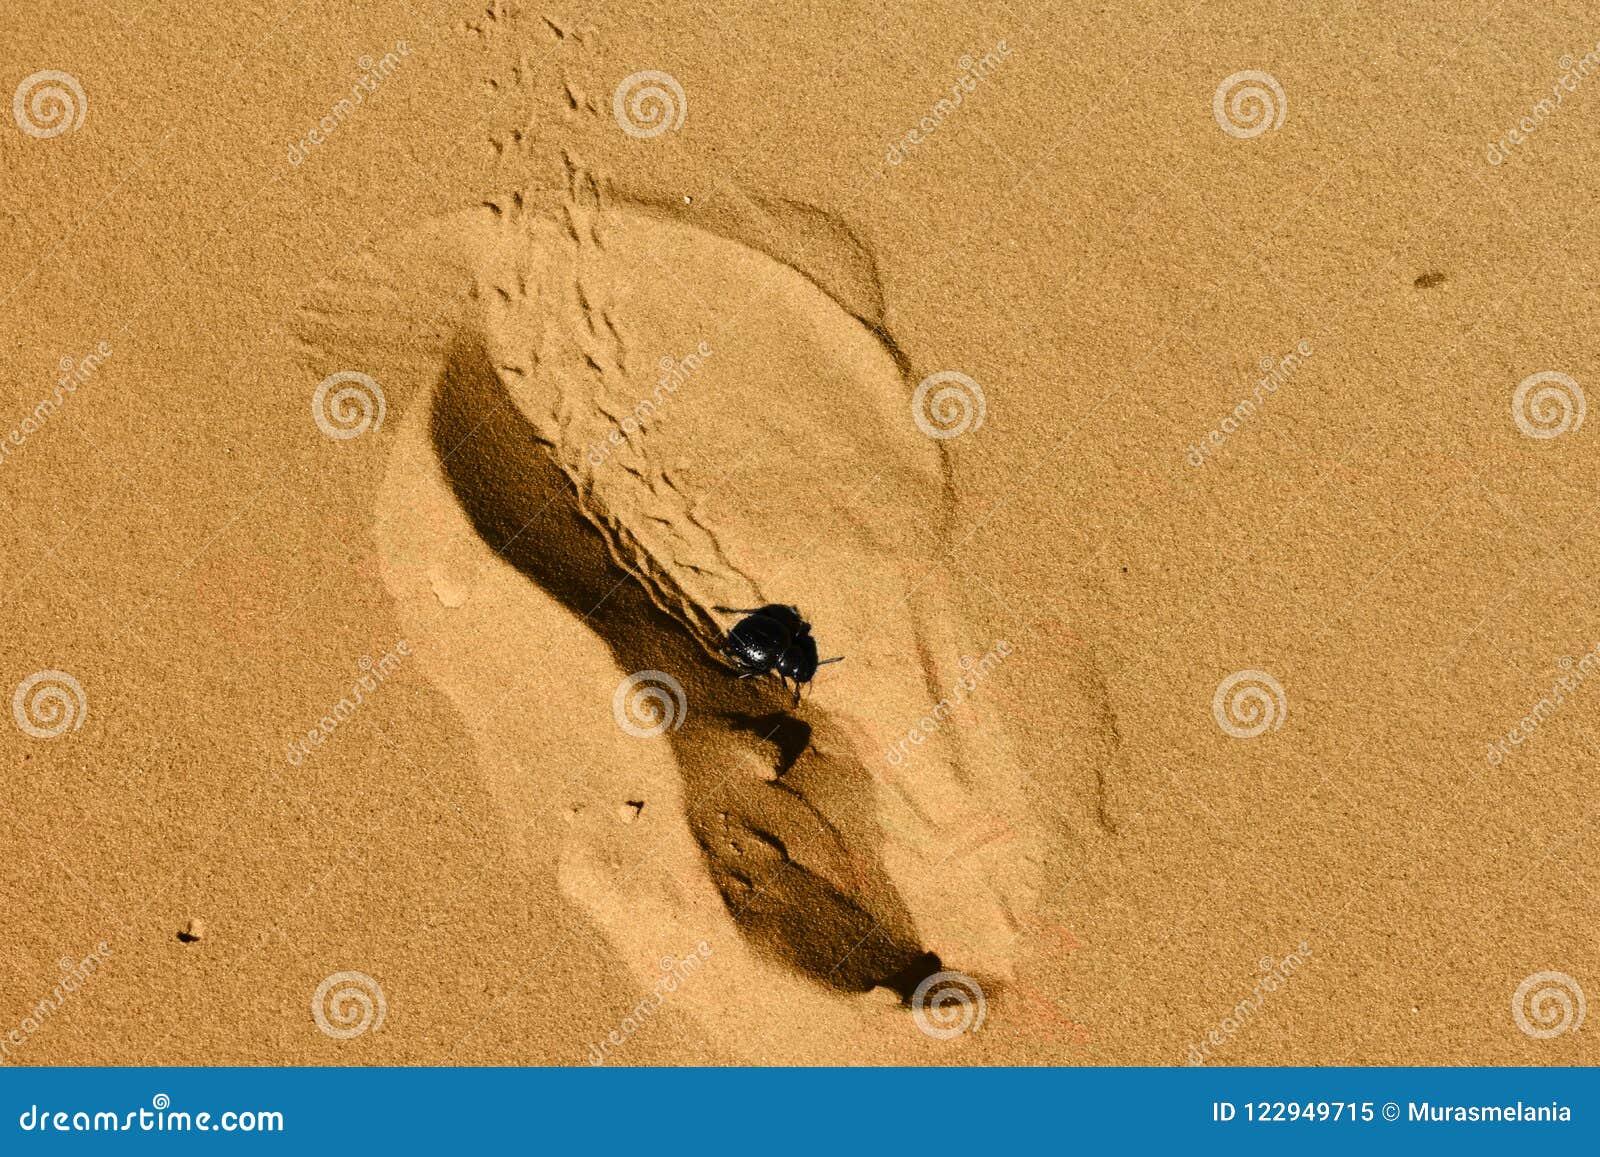 Fotspårform med svartskalbaggen, texturer och modeller på sanden på Sahara Desert